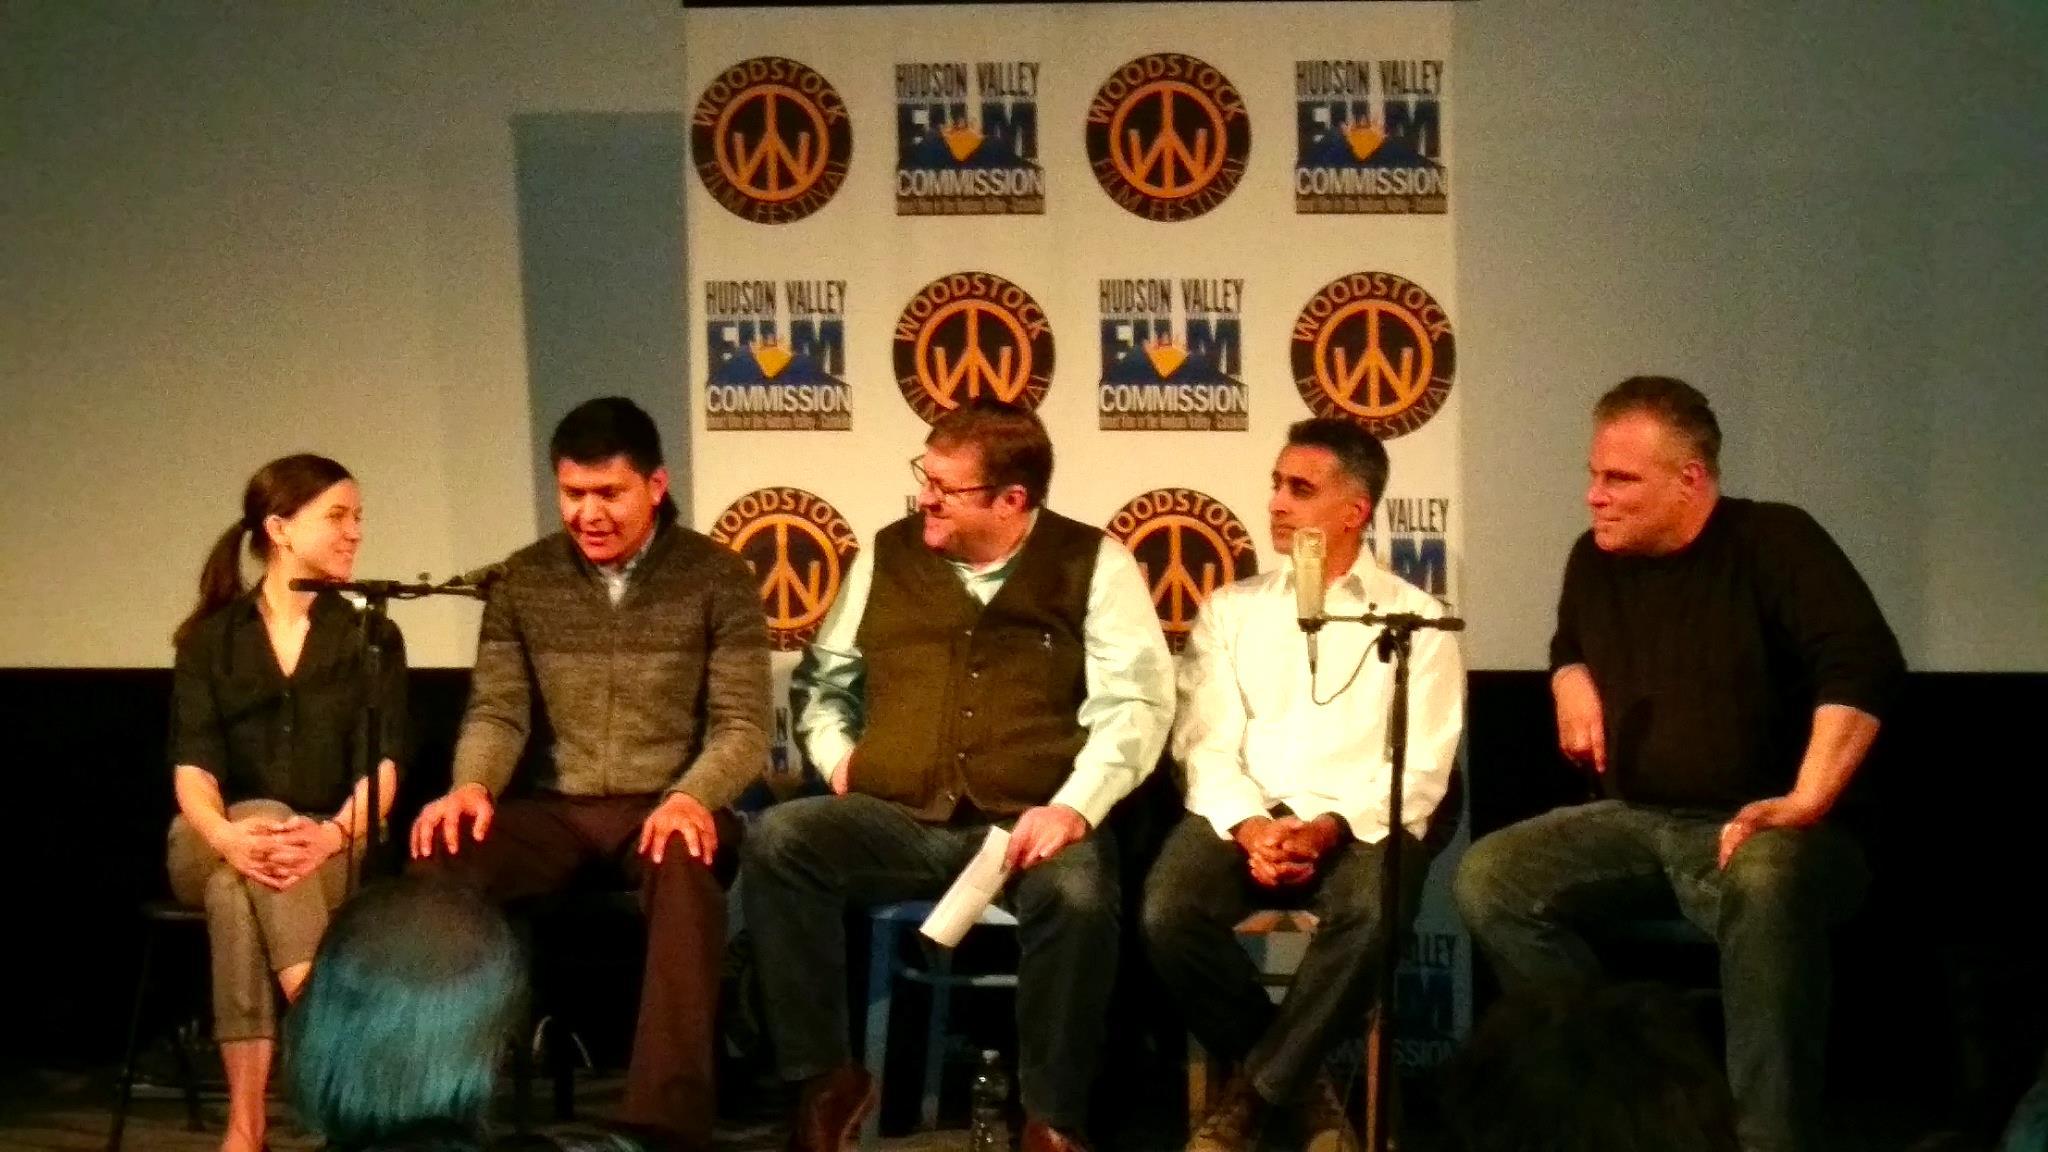 """""""El trabajador agrícola no tiene derechos y es ridículo que sea así en el año 2015, ¿es que acaso no somos trabajadores?"""" –se pregunta Heriberto González (segundo de la izquierda) durante la mesa redonda en Upstate Films."""